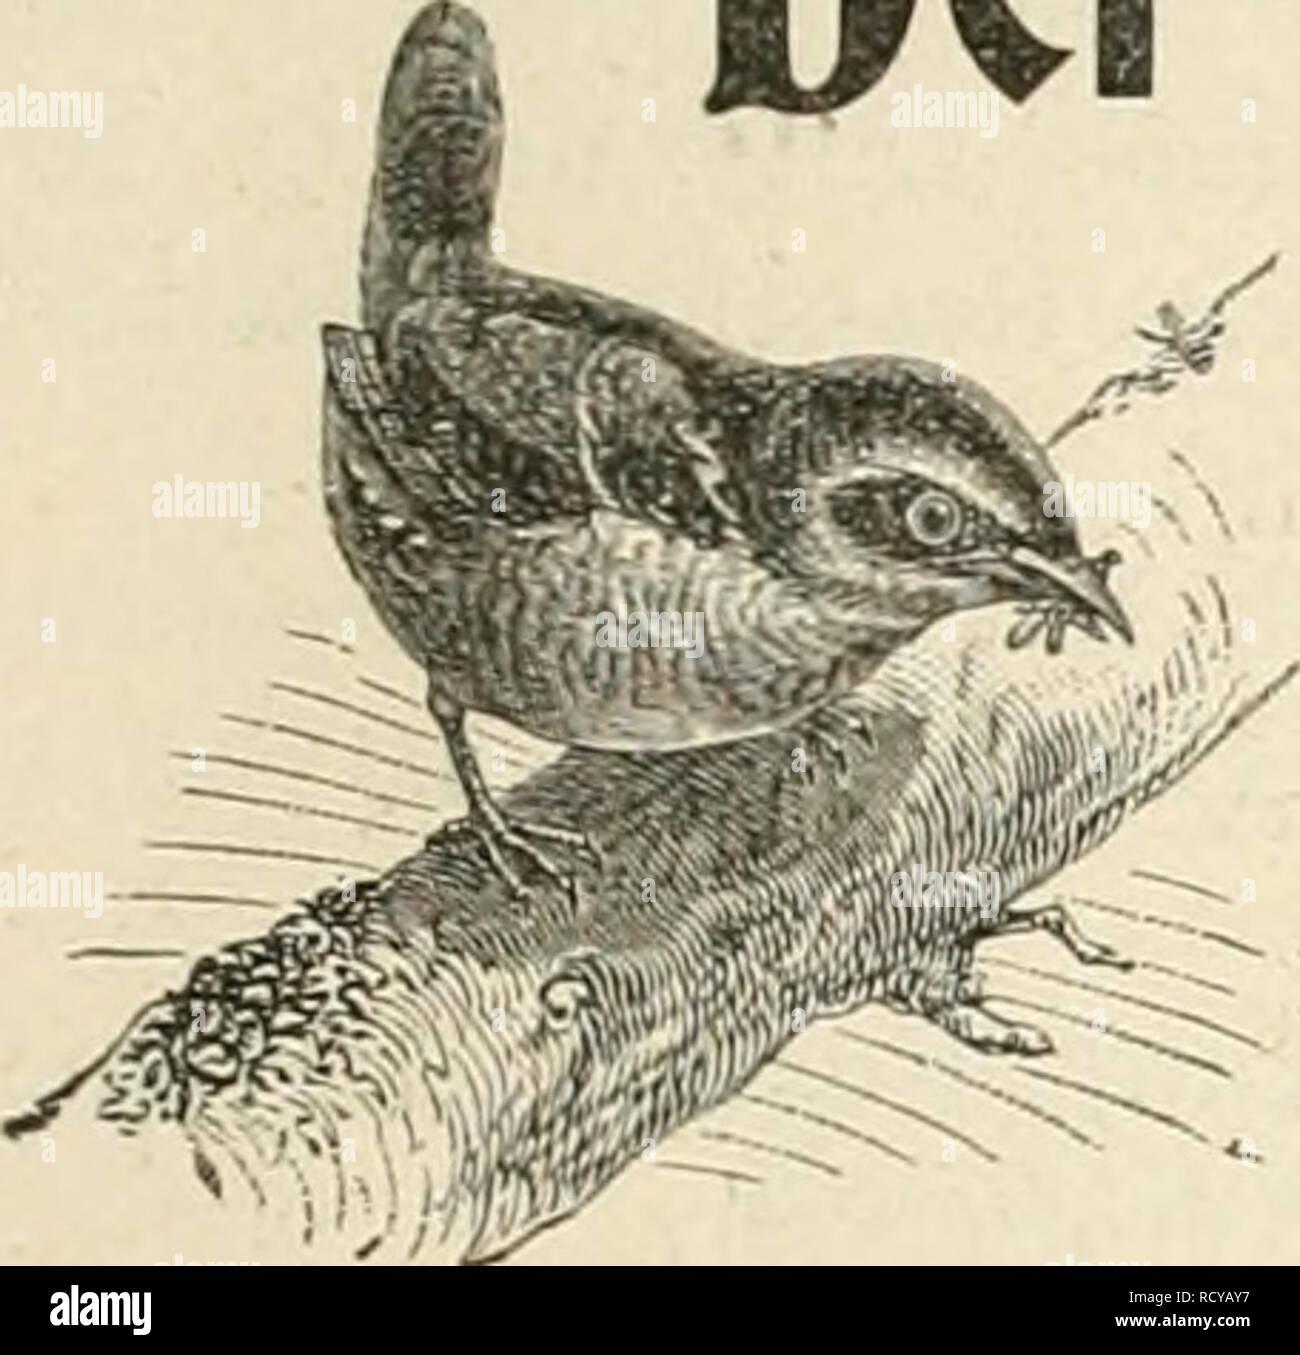 . Der Ornithologische Beobachter. Birds; Birds. fleft 16. 16. April 1903. J'alirjB:ang IX. Der Omitbologiscbe Beobacbter. Wochensclirift für Yogelliebhaber und Vogelschutz. Redaktion Carl Döut, Berii und öusMv voit Burg, Oltcn. f+ Erseheint jeden Donnerstag. Herausgegeben von Carl Daut in Bern (Schweiz). Inhalt: Oruithologische Beobachtungen, von Dr. L. Greppiu, Eosegg, Solothurn (Forts.). — Kuckuck, Eisvogel, Goldamsel und Star im Jahr 1902, von Dr. H. Fischer-Sigwart, Zofingen (Schluss). — Passer domesticus (Haussperliug) in Südamerika. — Notizen über die Abnahme der Vögel in Italien, von Ar - Stock Image